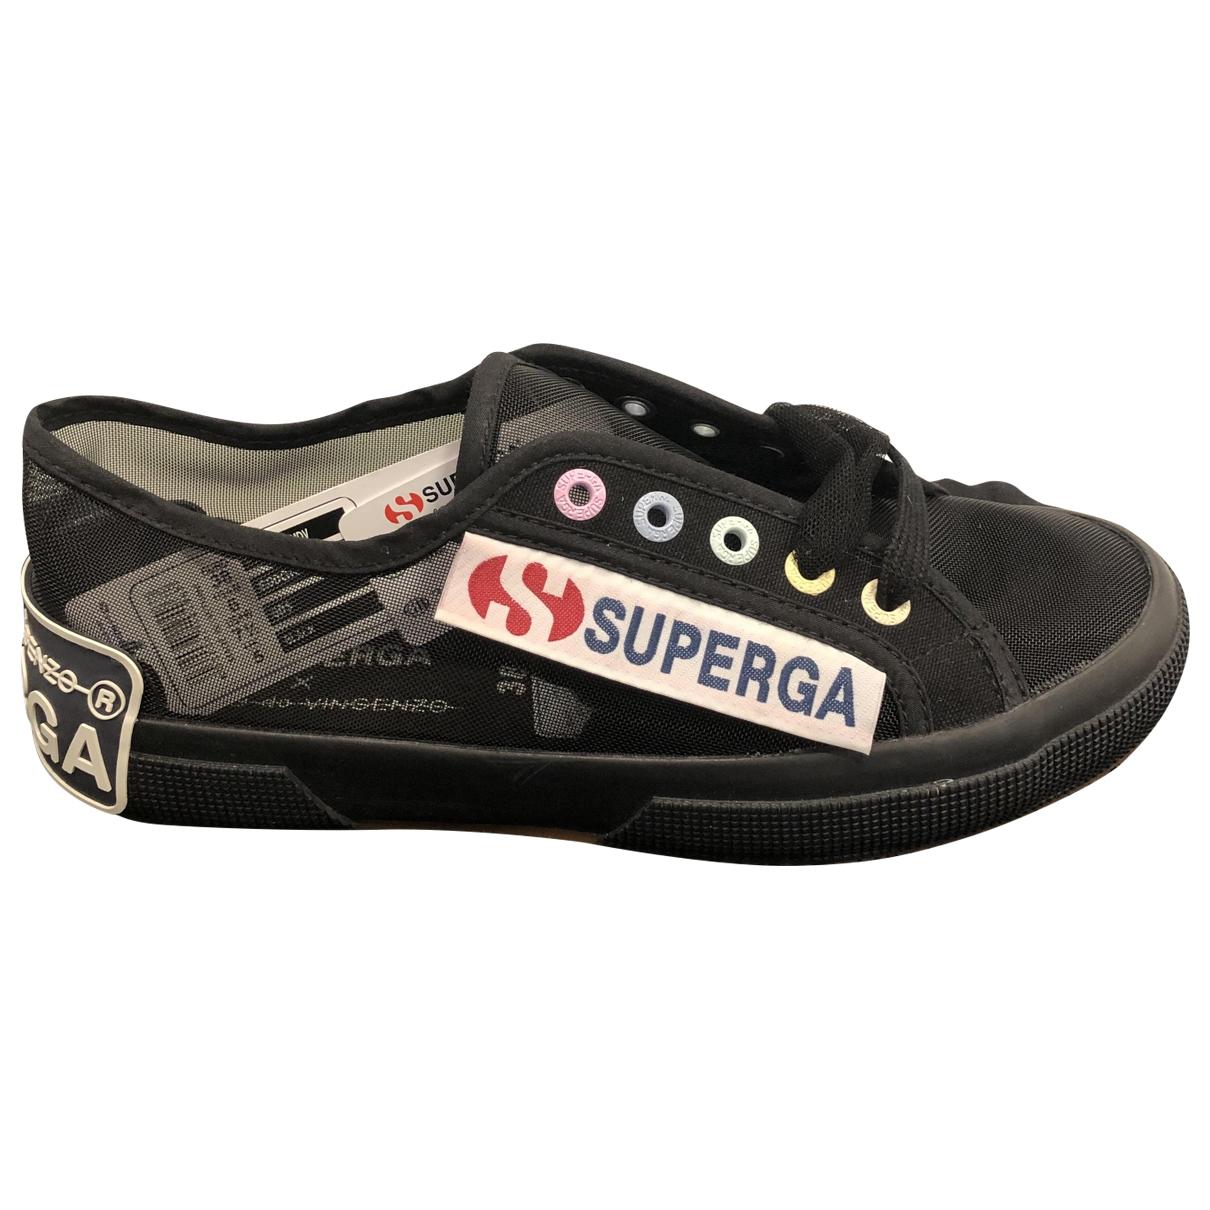 Superga - Baskets   pour femme en toile - noir